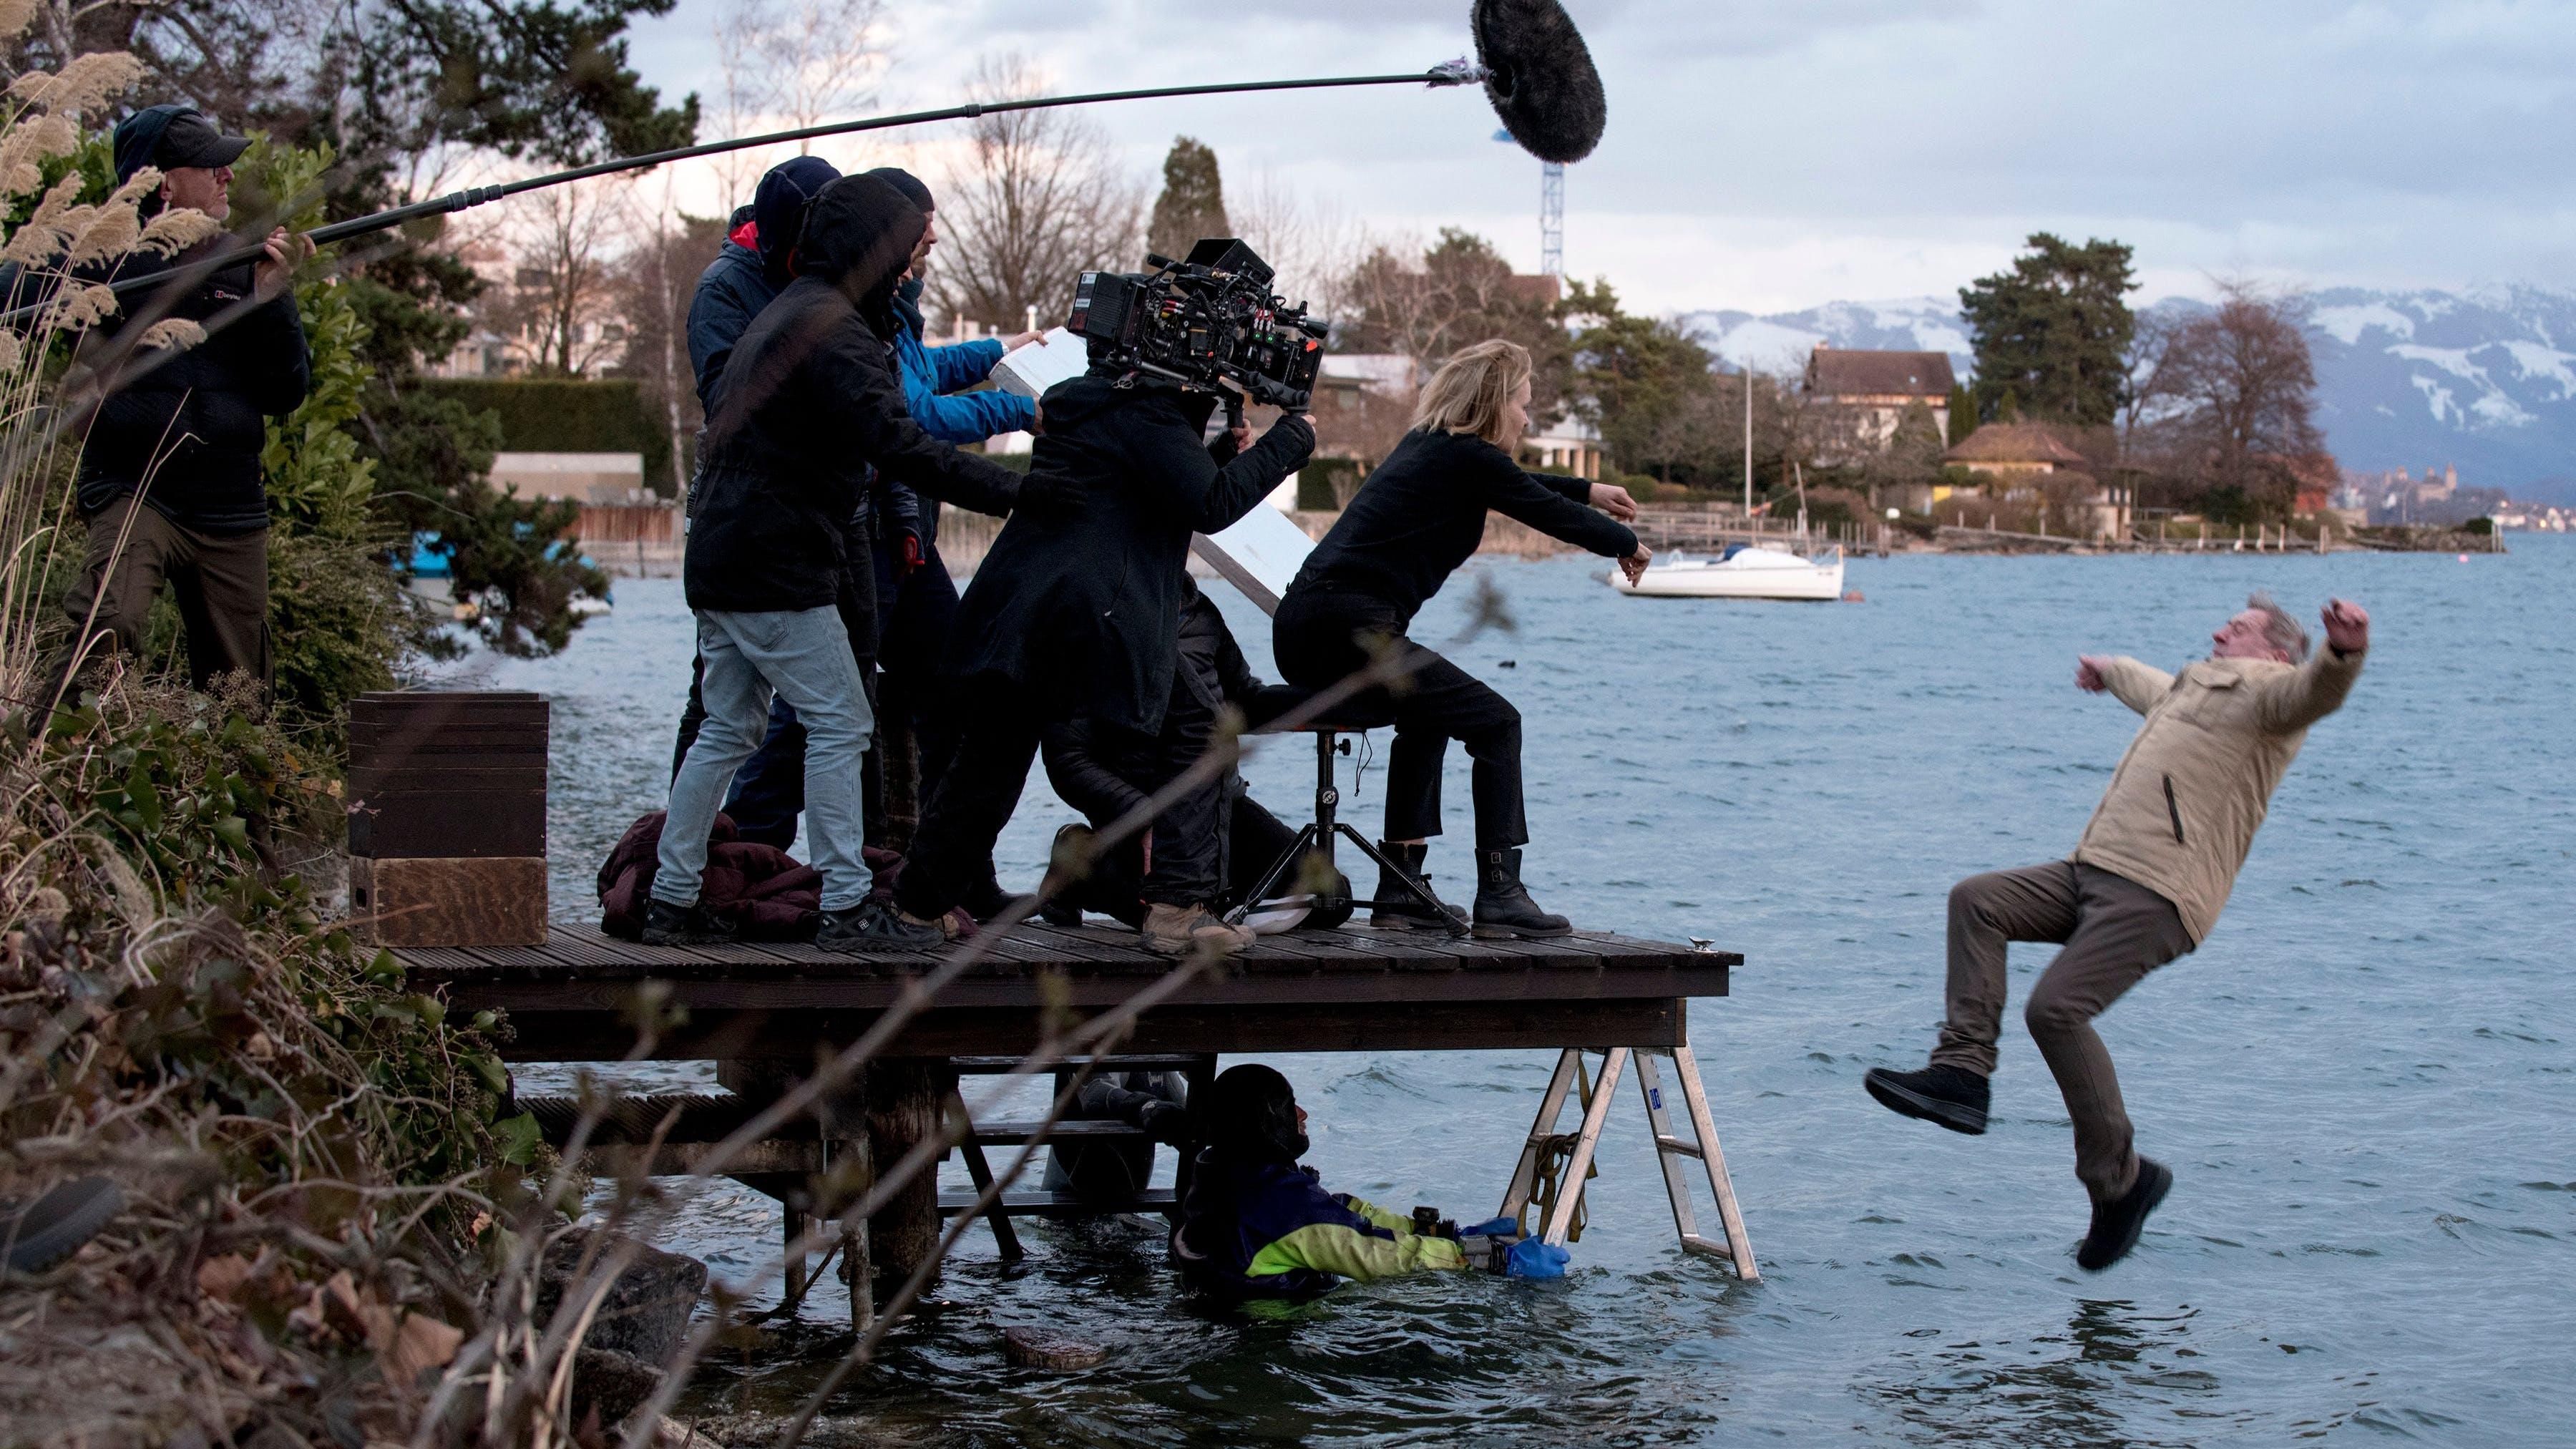 «Nein, nein, so etwas kann man nicht vor Ort improvisieren. Als wir diese Szenen drehten, waren Taucher im See und ein Arzt vor Ort. André Jung trug zudem einen dünnen Neopren-Anzug unter den Kleidern»:Bettina Oberli.